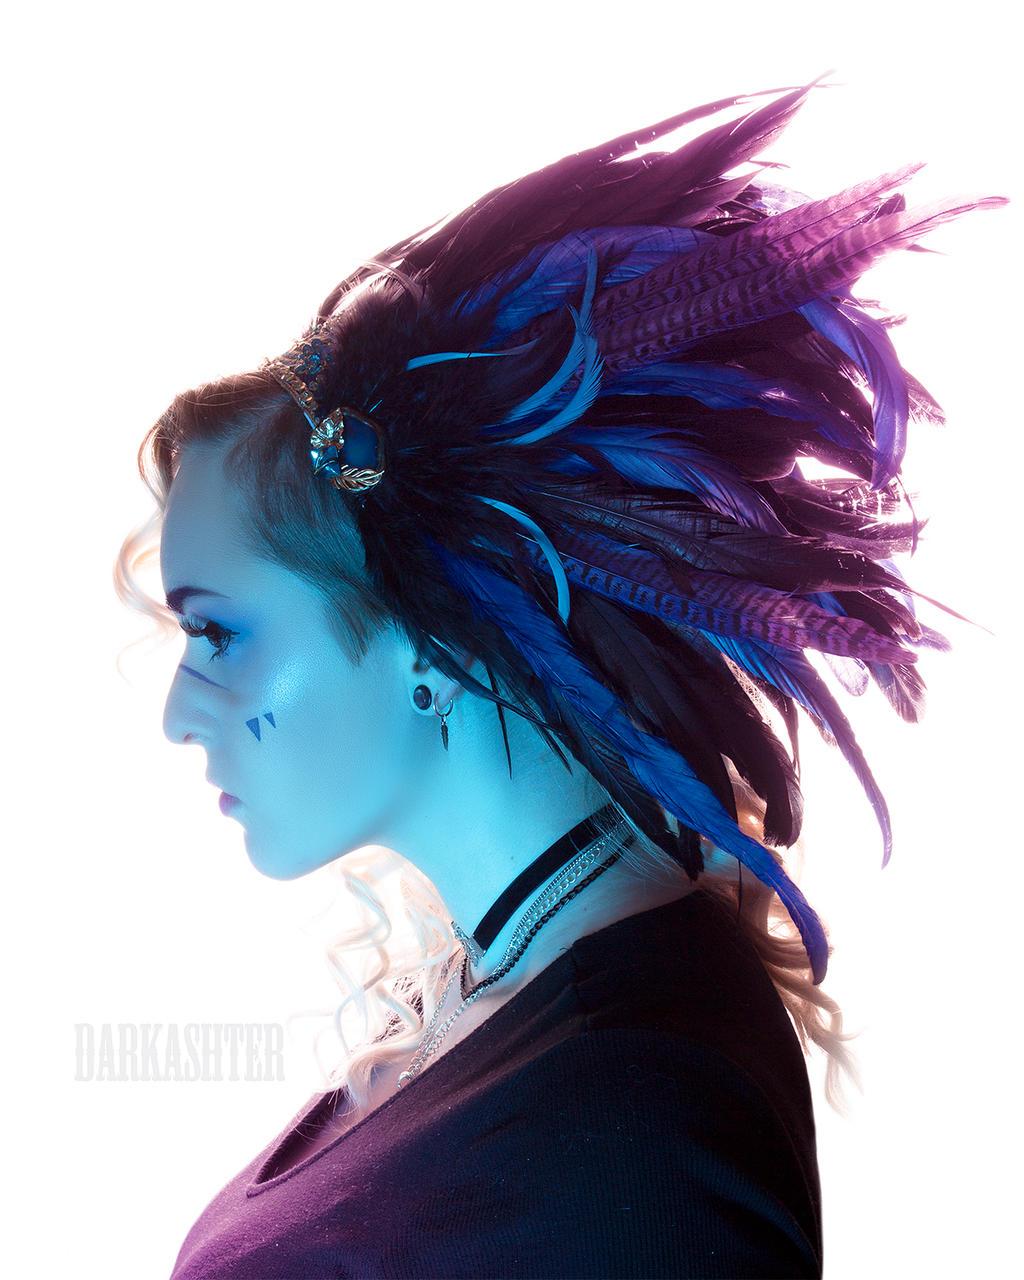 Featherhead by Vanderstorme